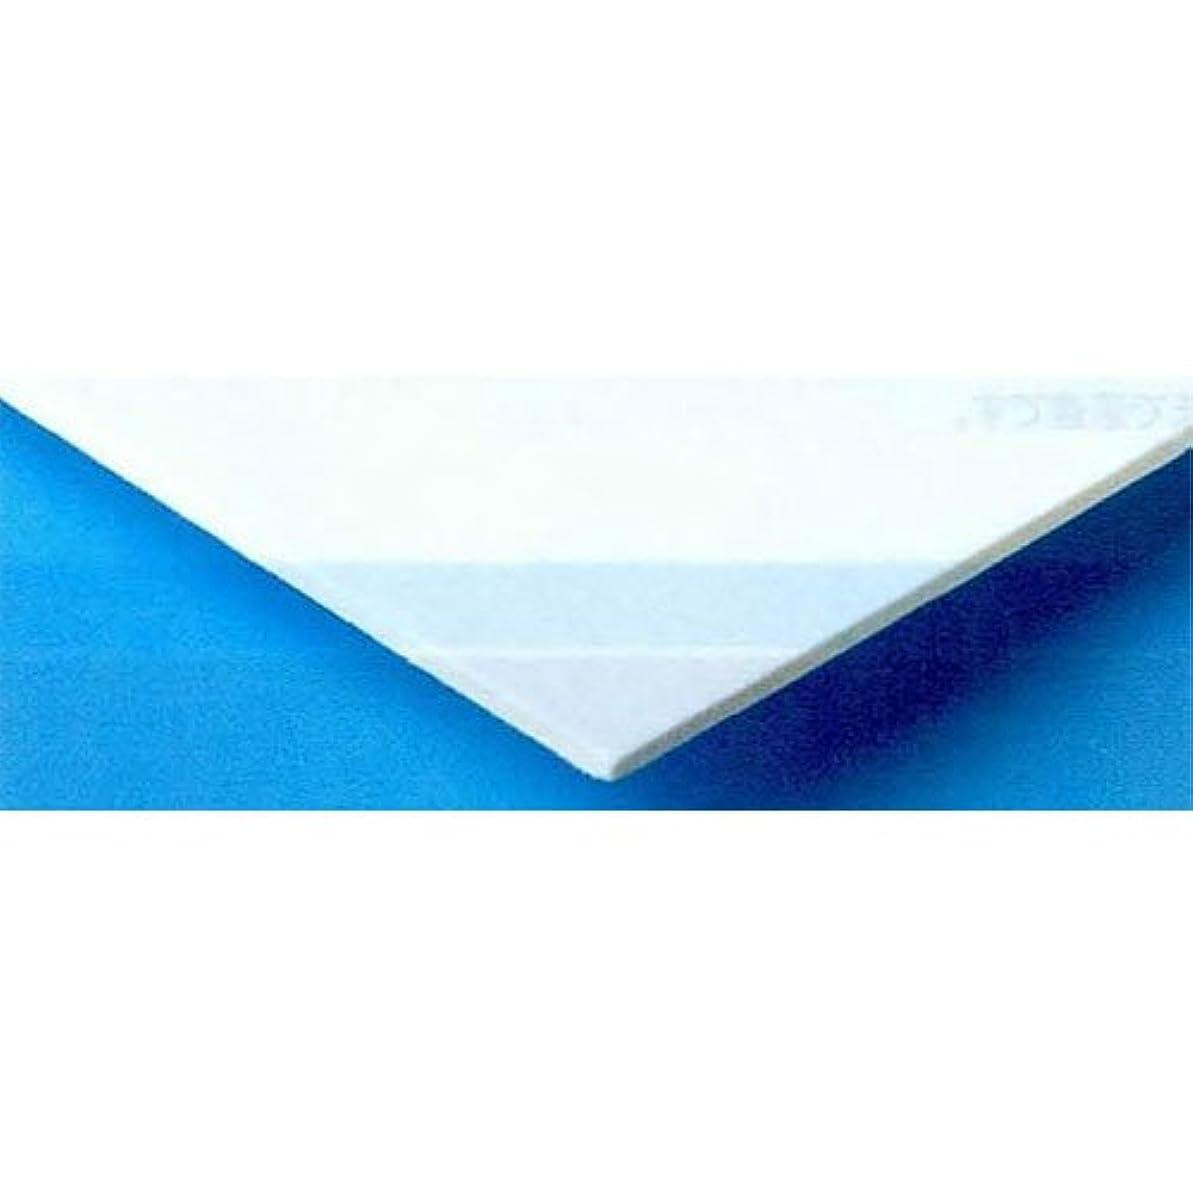 触手衝撃フレットスチレンボード 3×550×800mm B03-5001